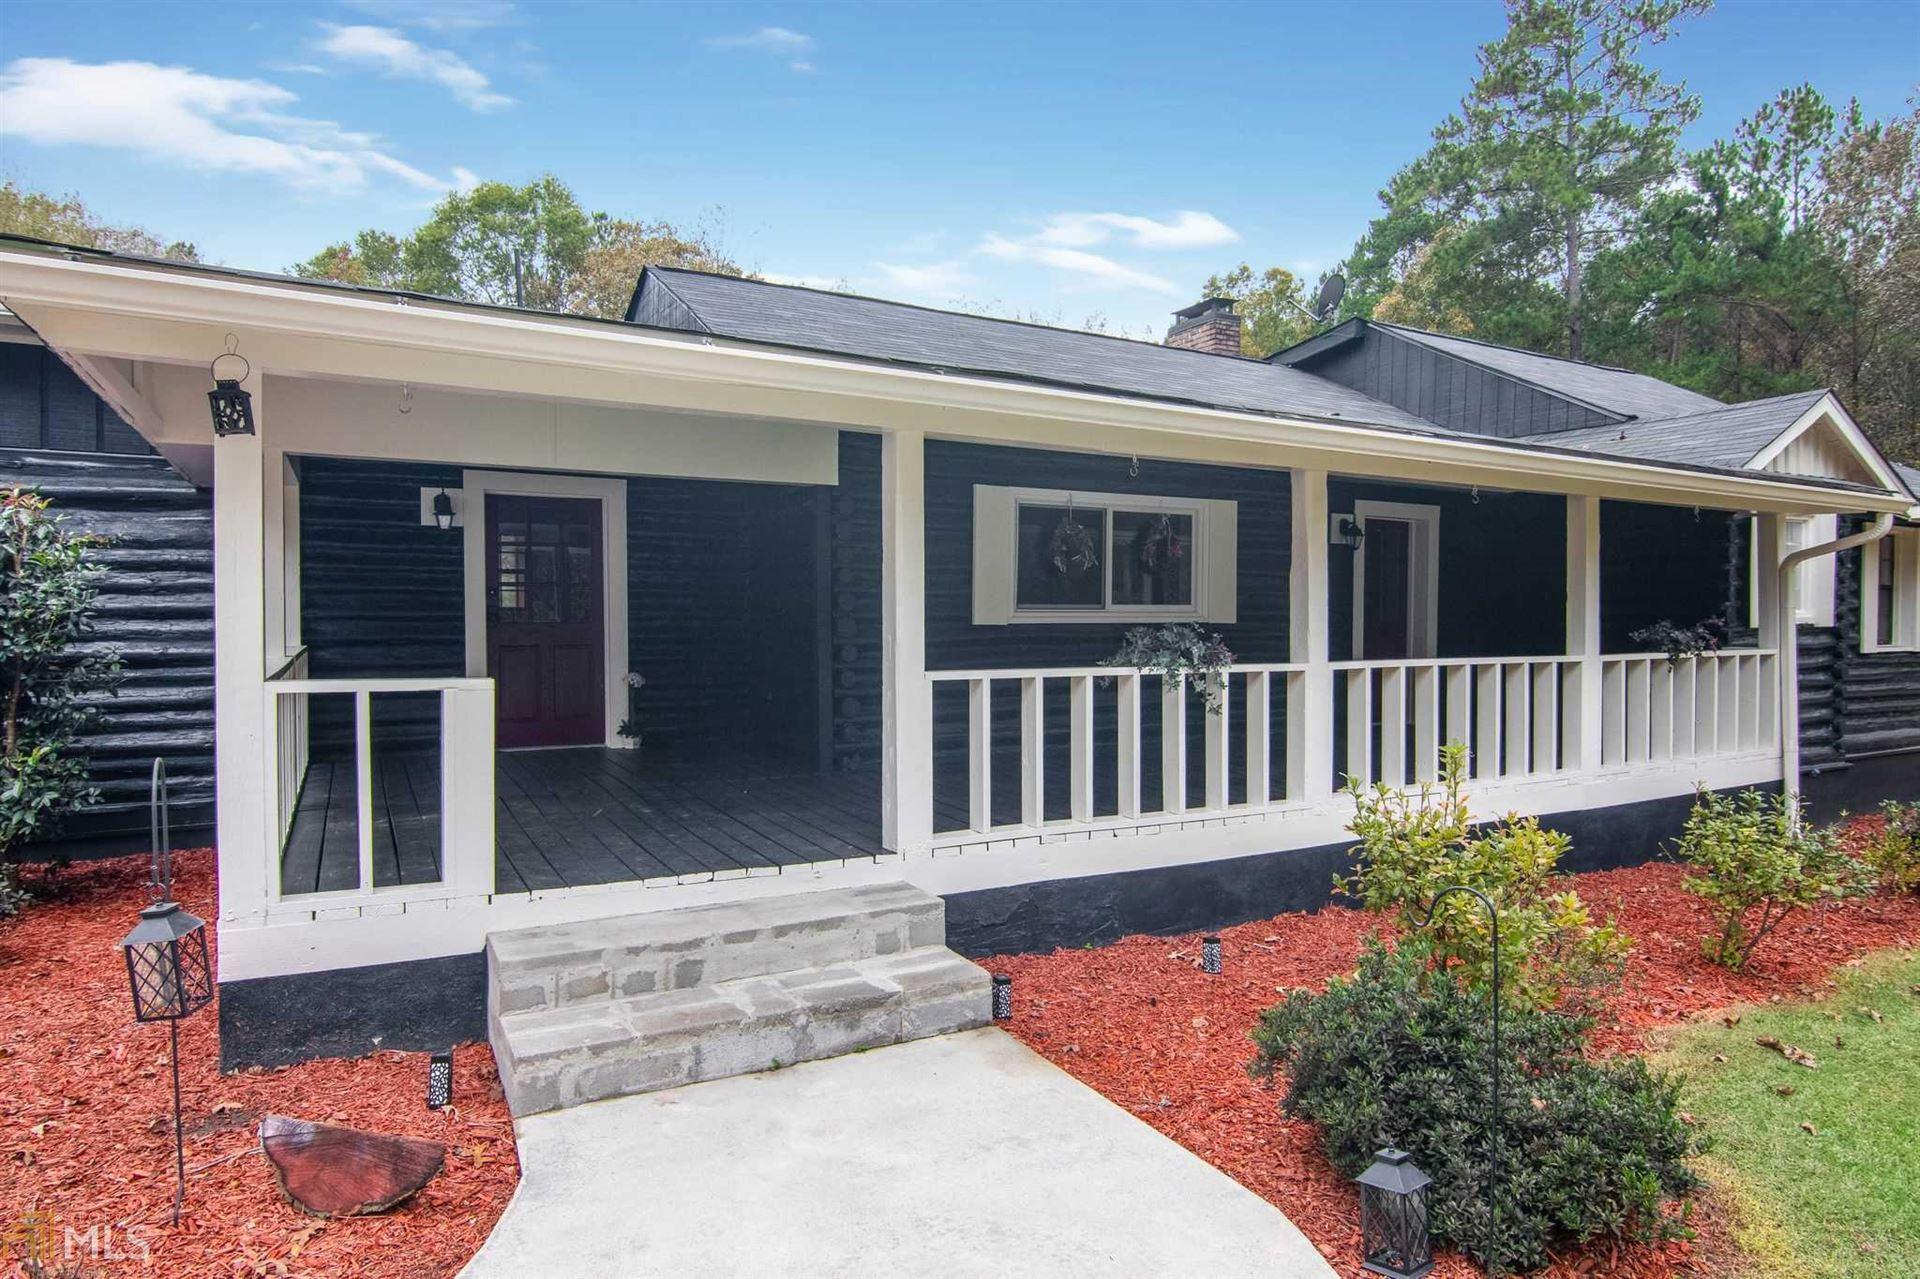 603 Bankstown Rd, Brooks, GA 30205 - #: 8879953